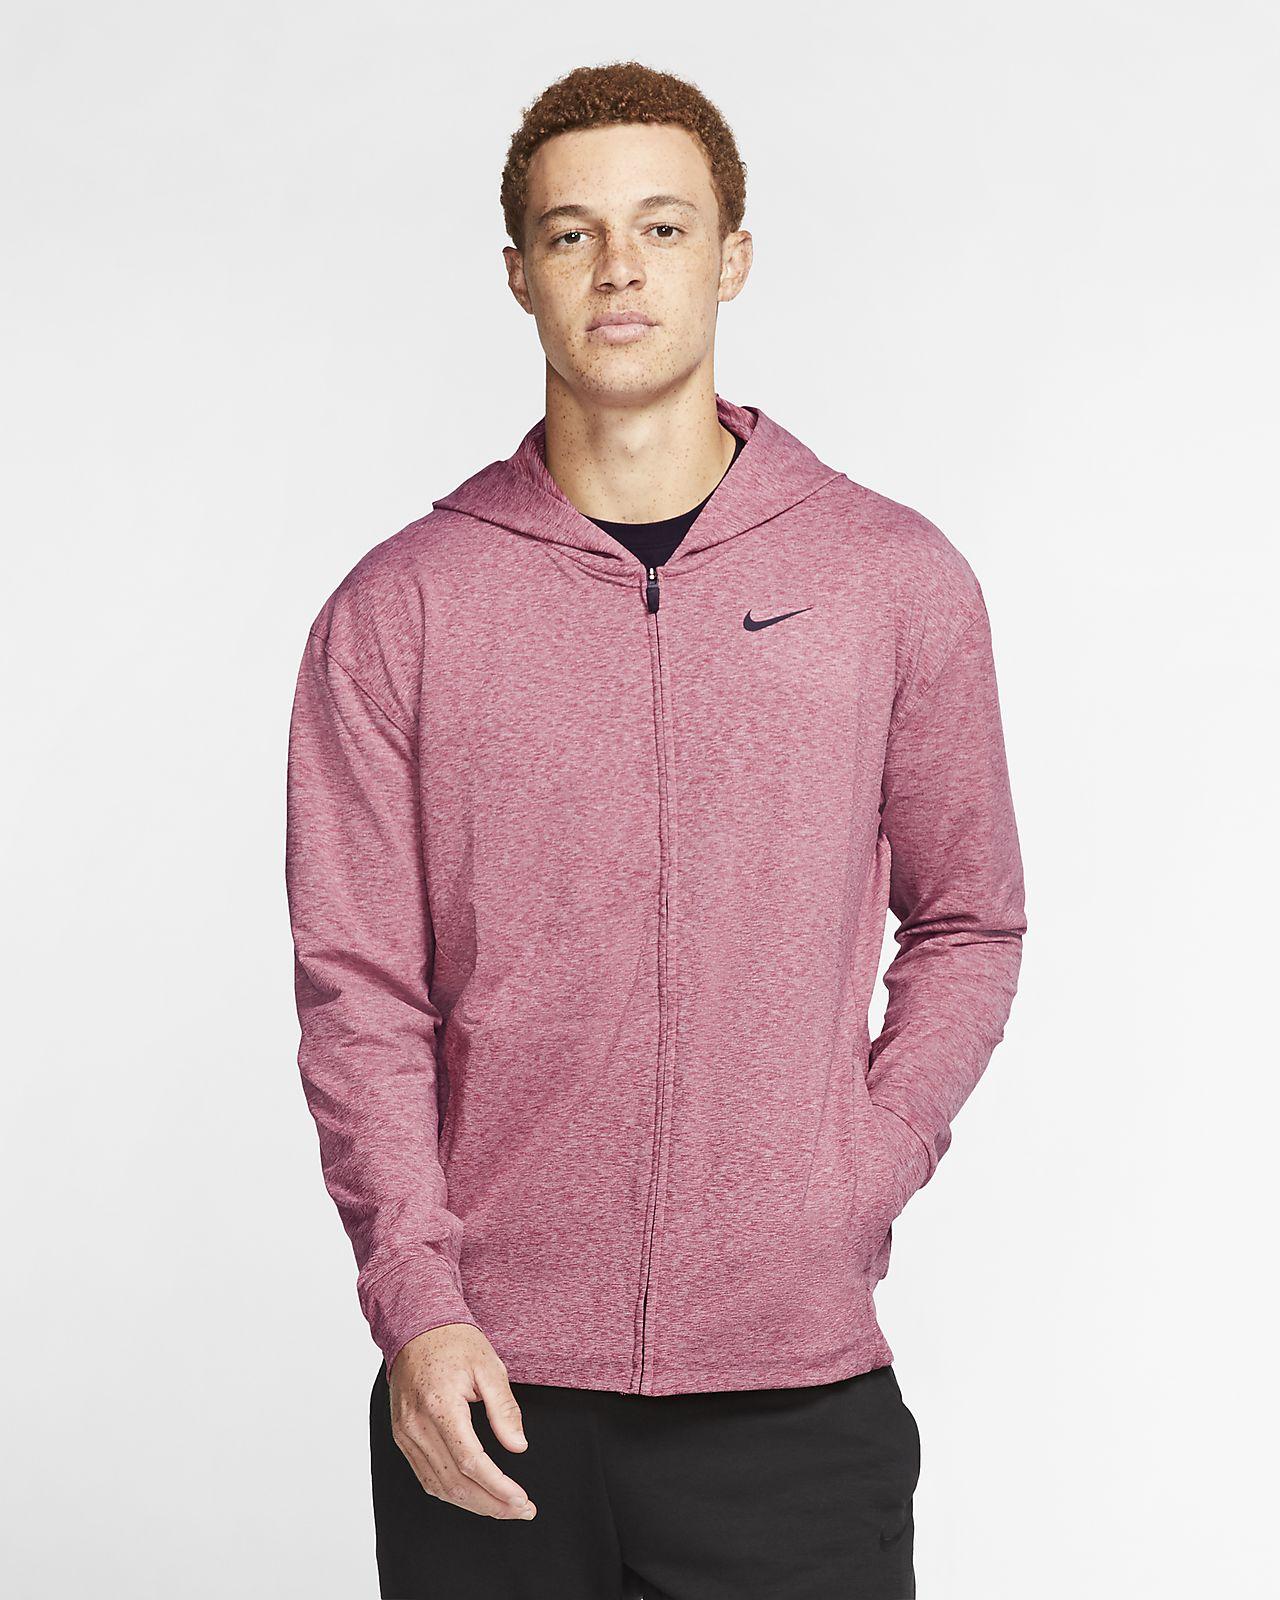 wykwintny styl ogromny zapas odebrać Męska rozpinana bluza treningowa z kapturem do jogi Nike Dri-FIT